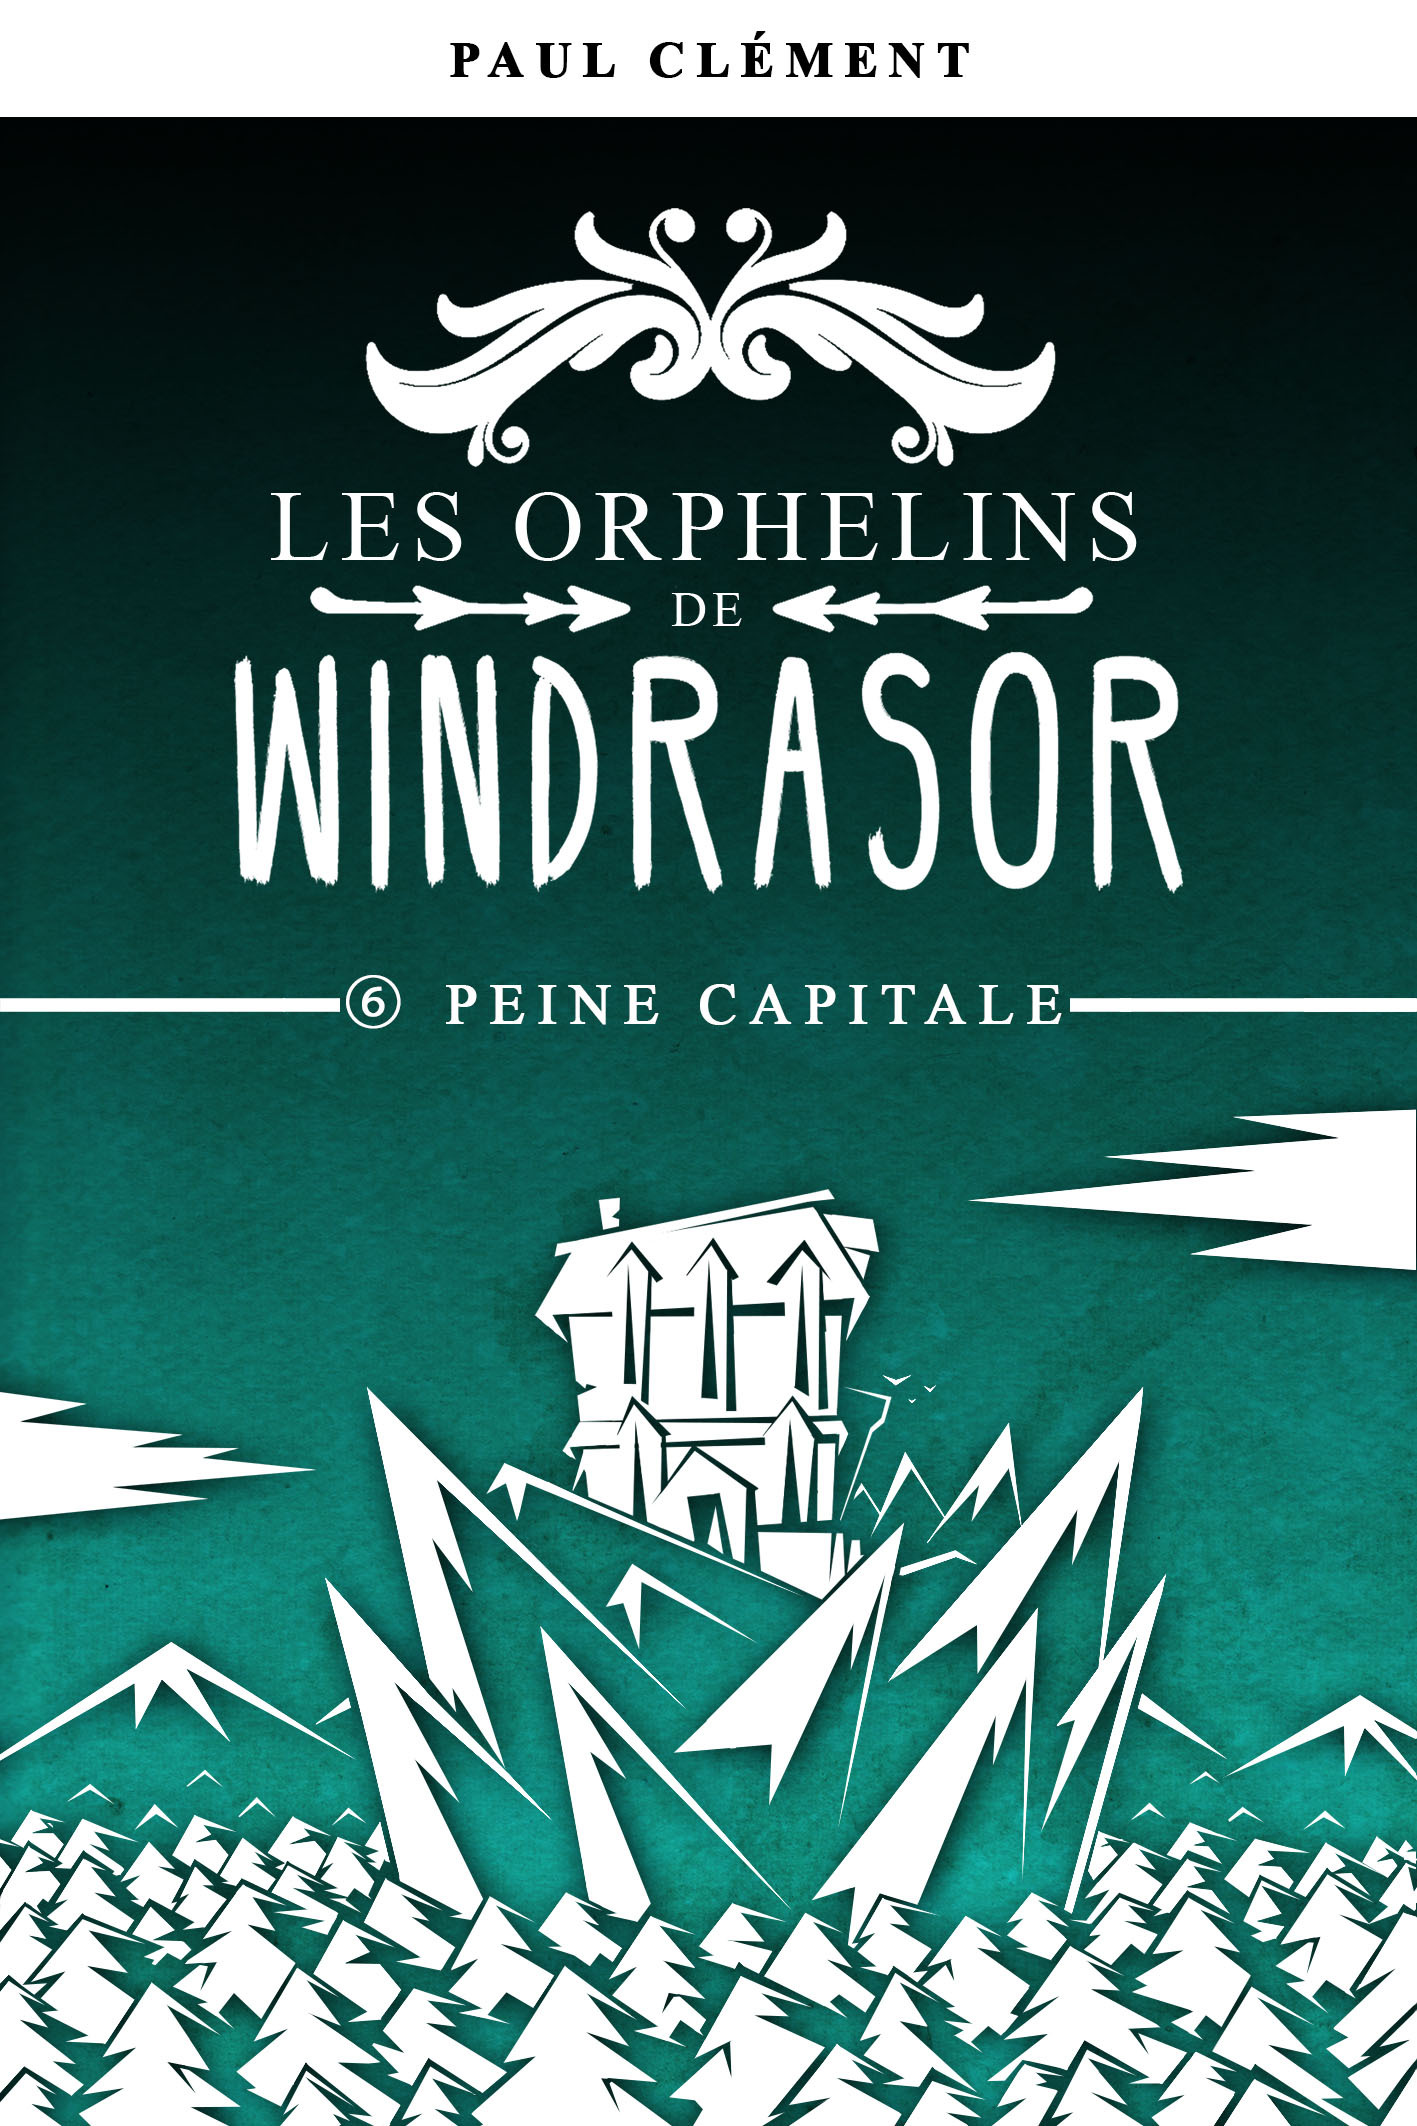 PEINE CAPITALE (LES ORPHELINS DE WINDRASOR EPISODE 6)